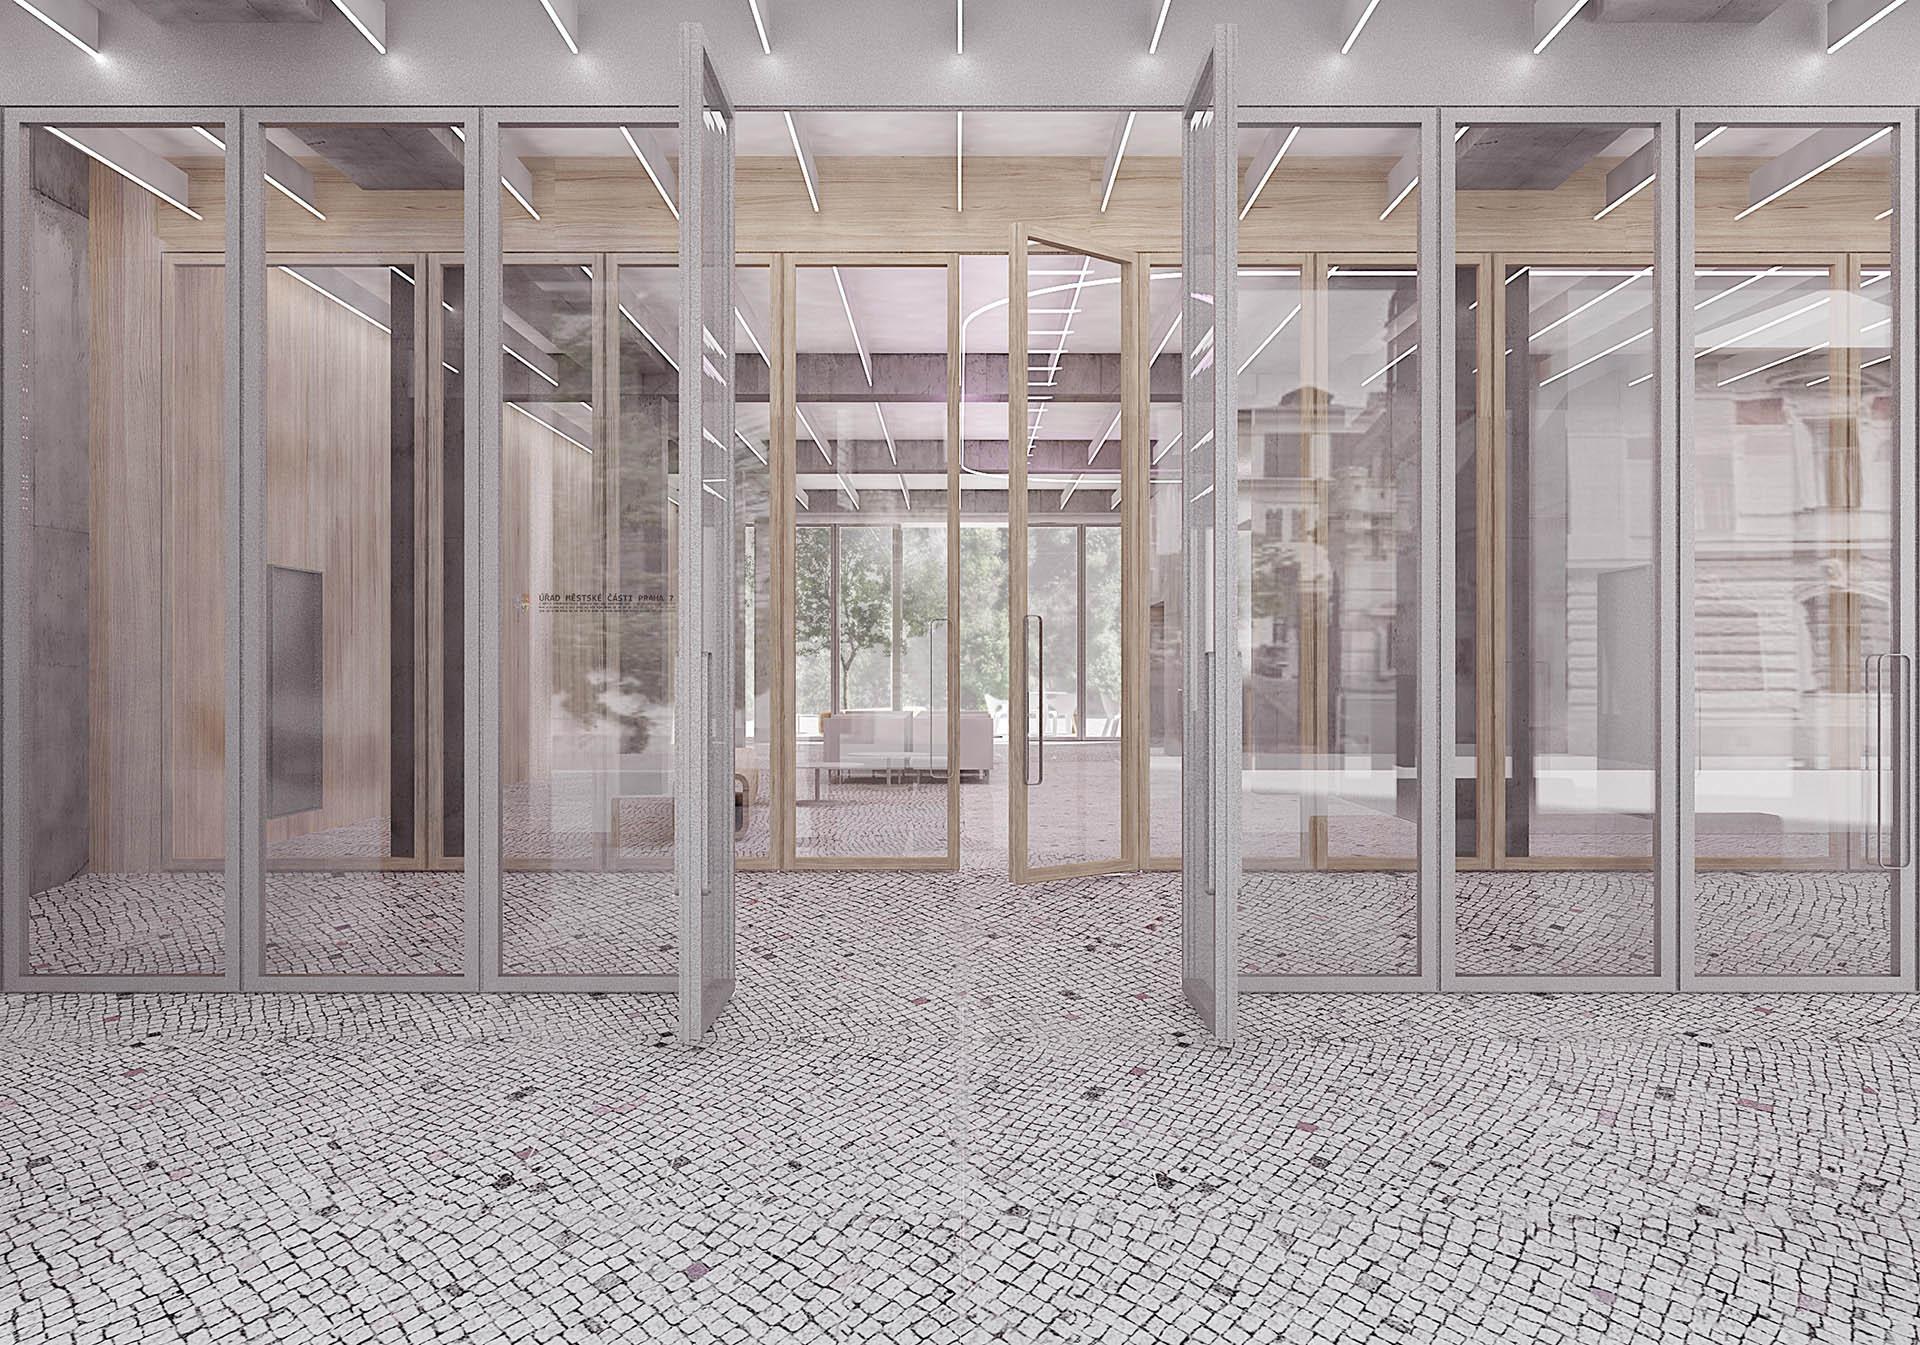 Vizualizace propojení veřejného prostoru a vstupního zádveří radnice